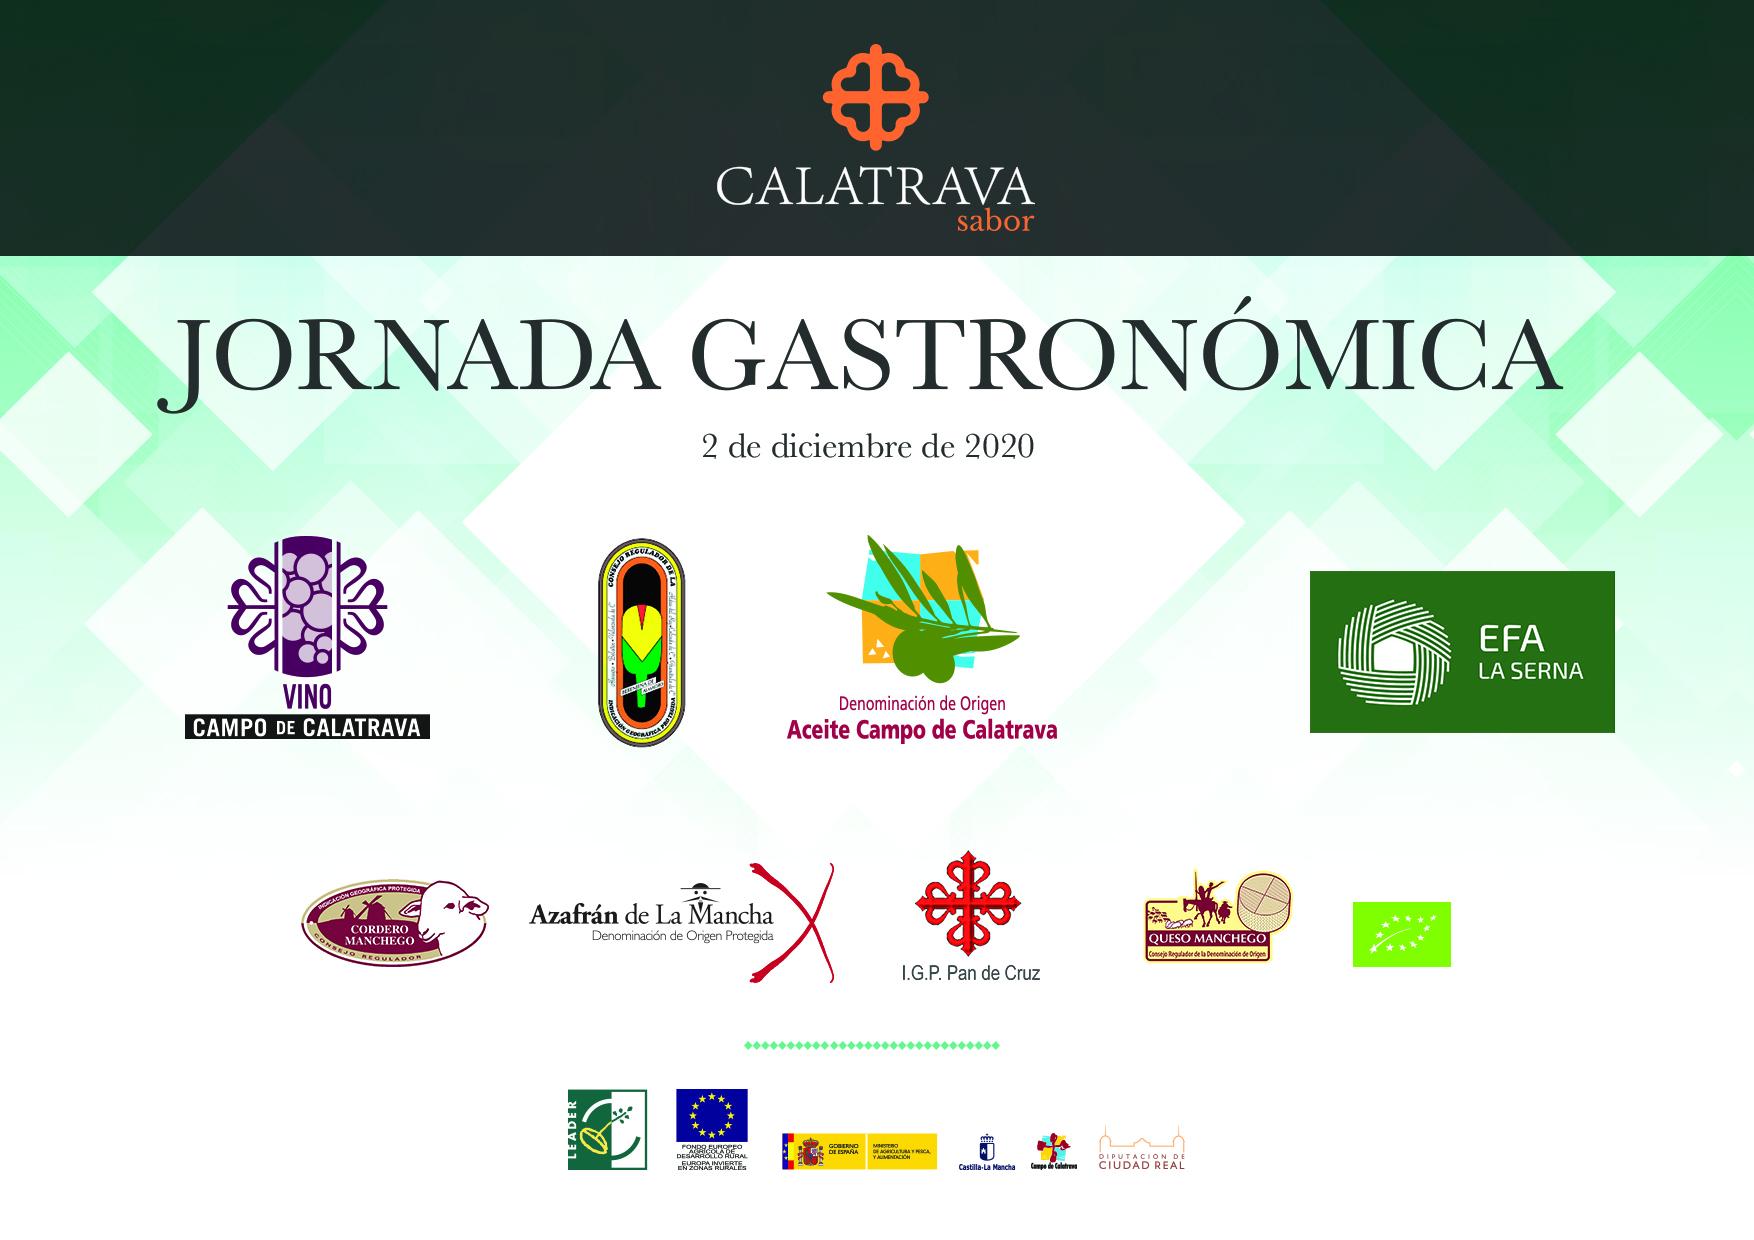 JORNADAS GASTRONÓMICAS CALATRAVA SABOR'20